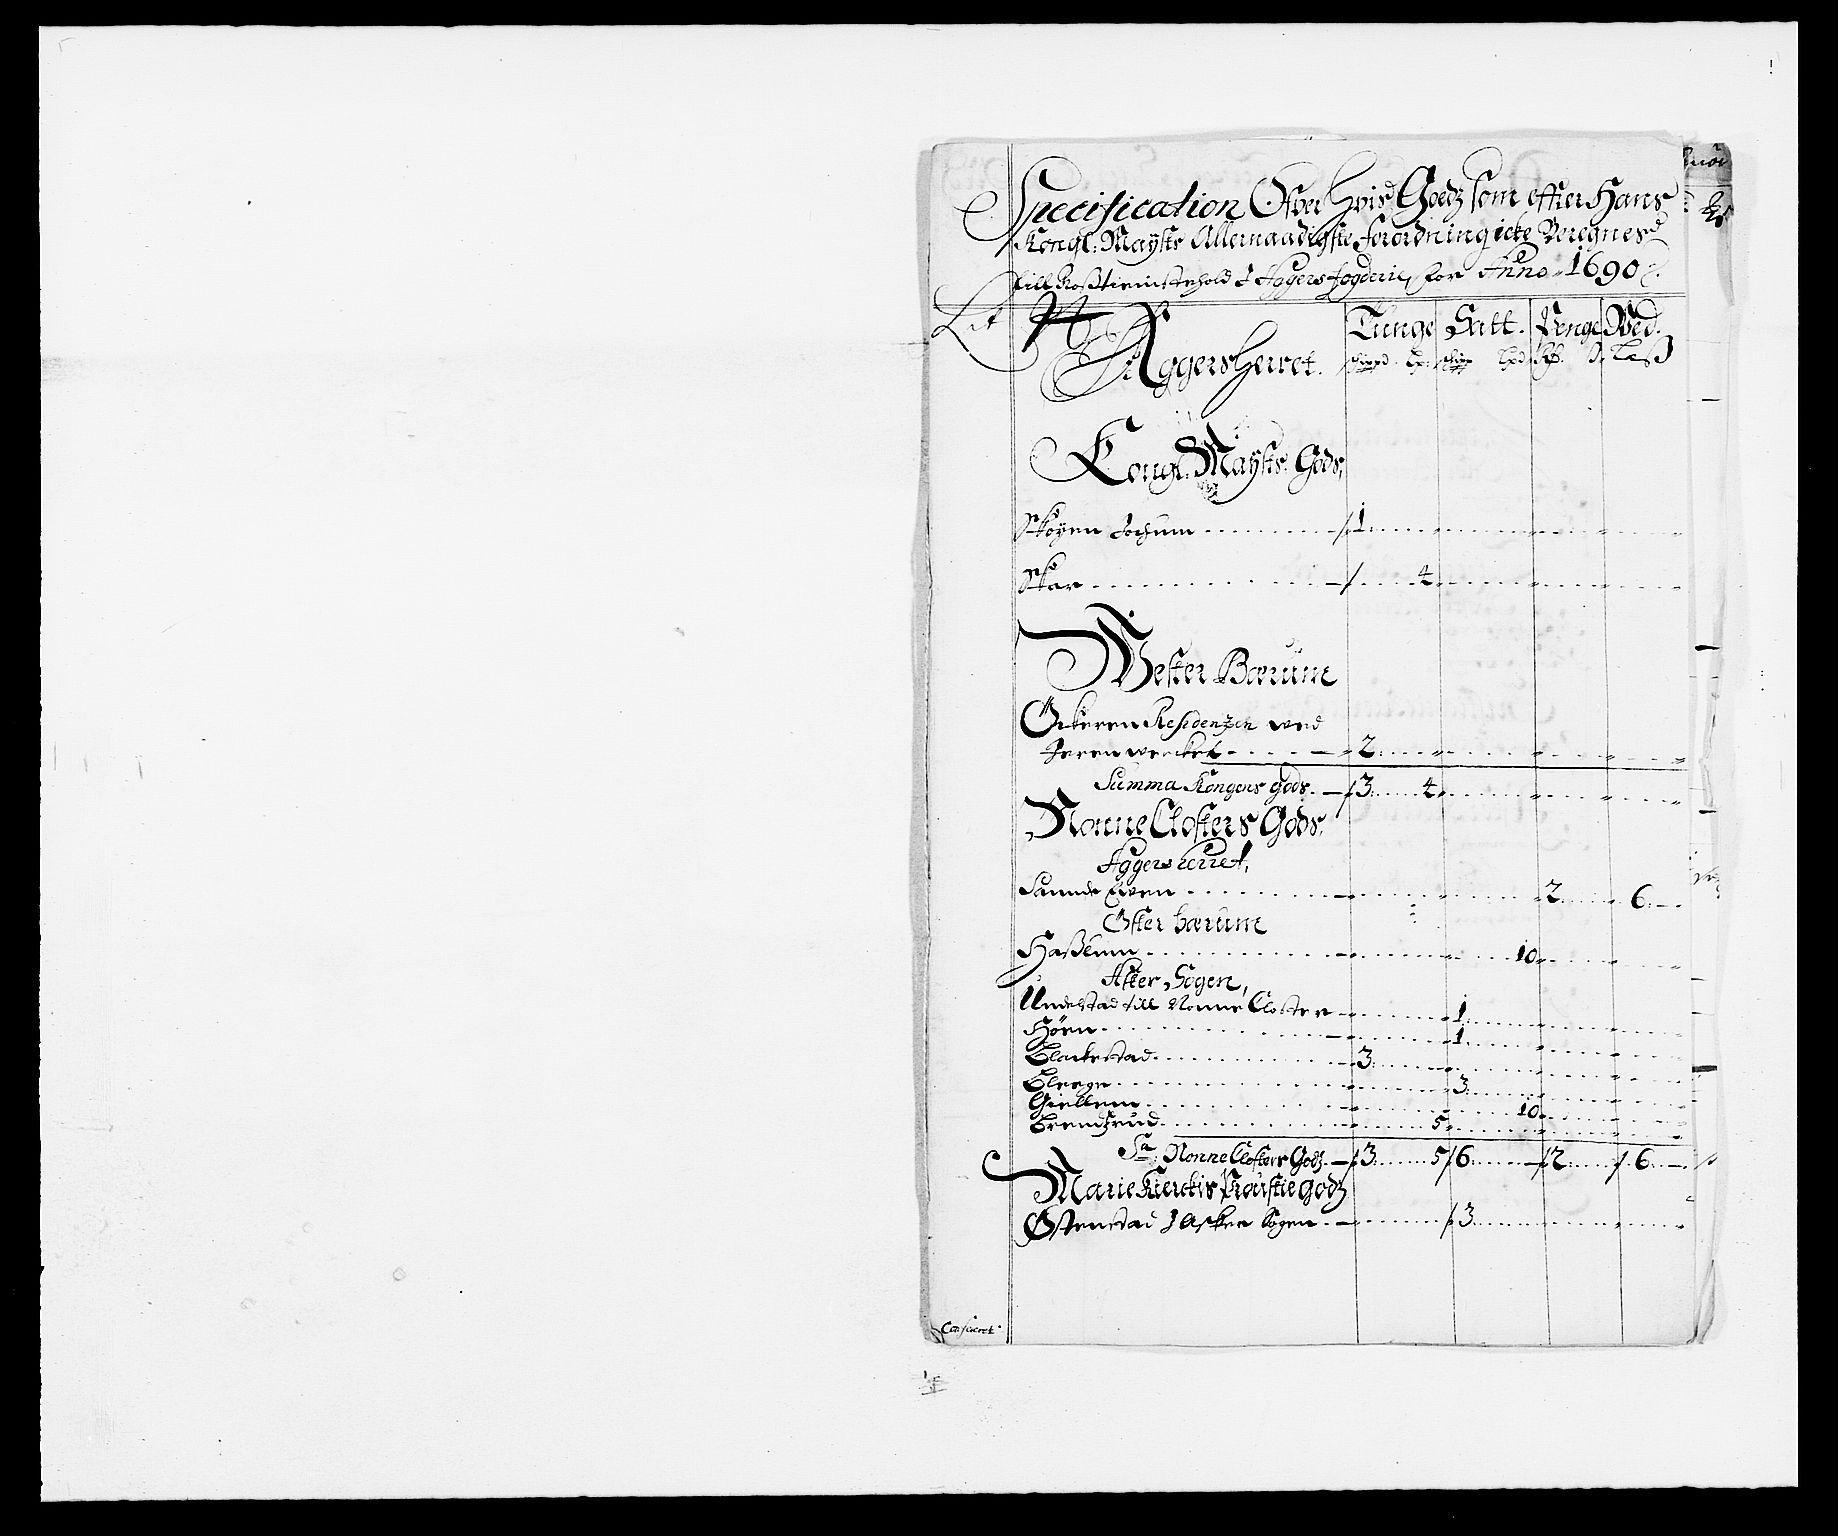 RA, Rentekammeret inntil 1814, Reviderte regnskaper, Fogderegnskap, R08/L0423: Fogderegnskap Aker, 1687-1689, s. 206